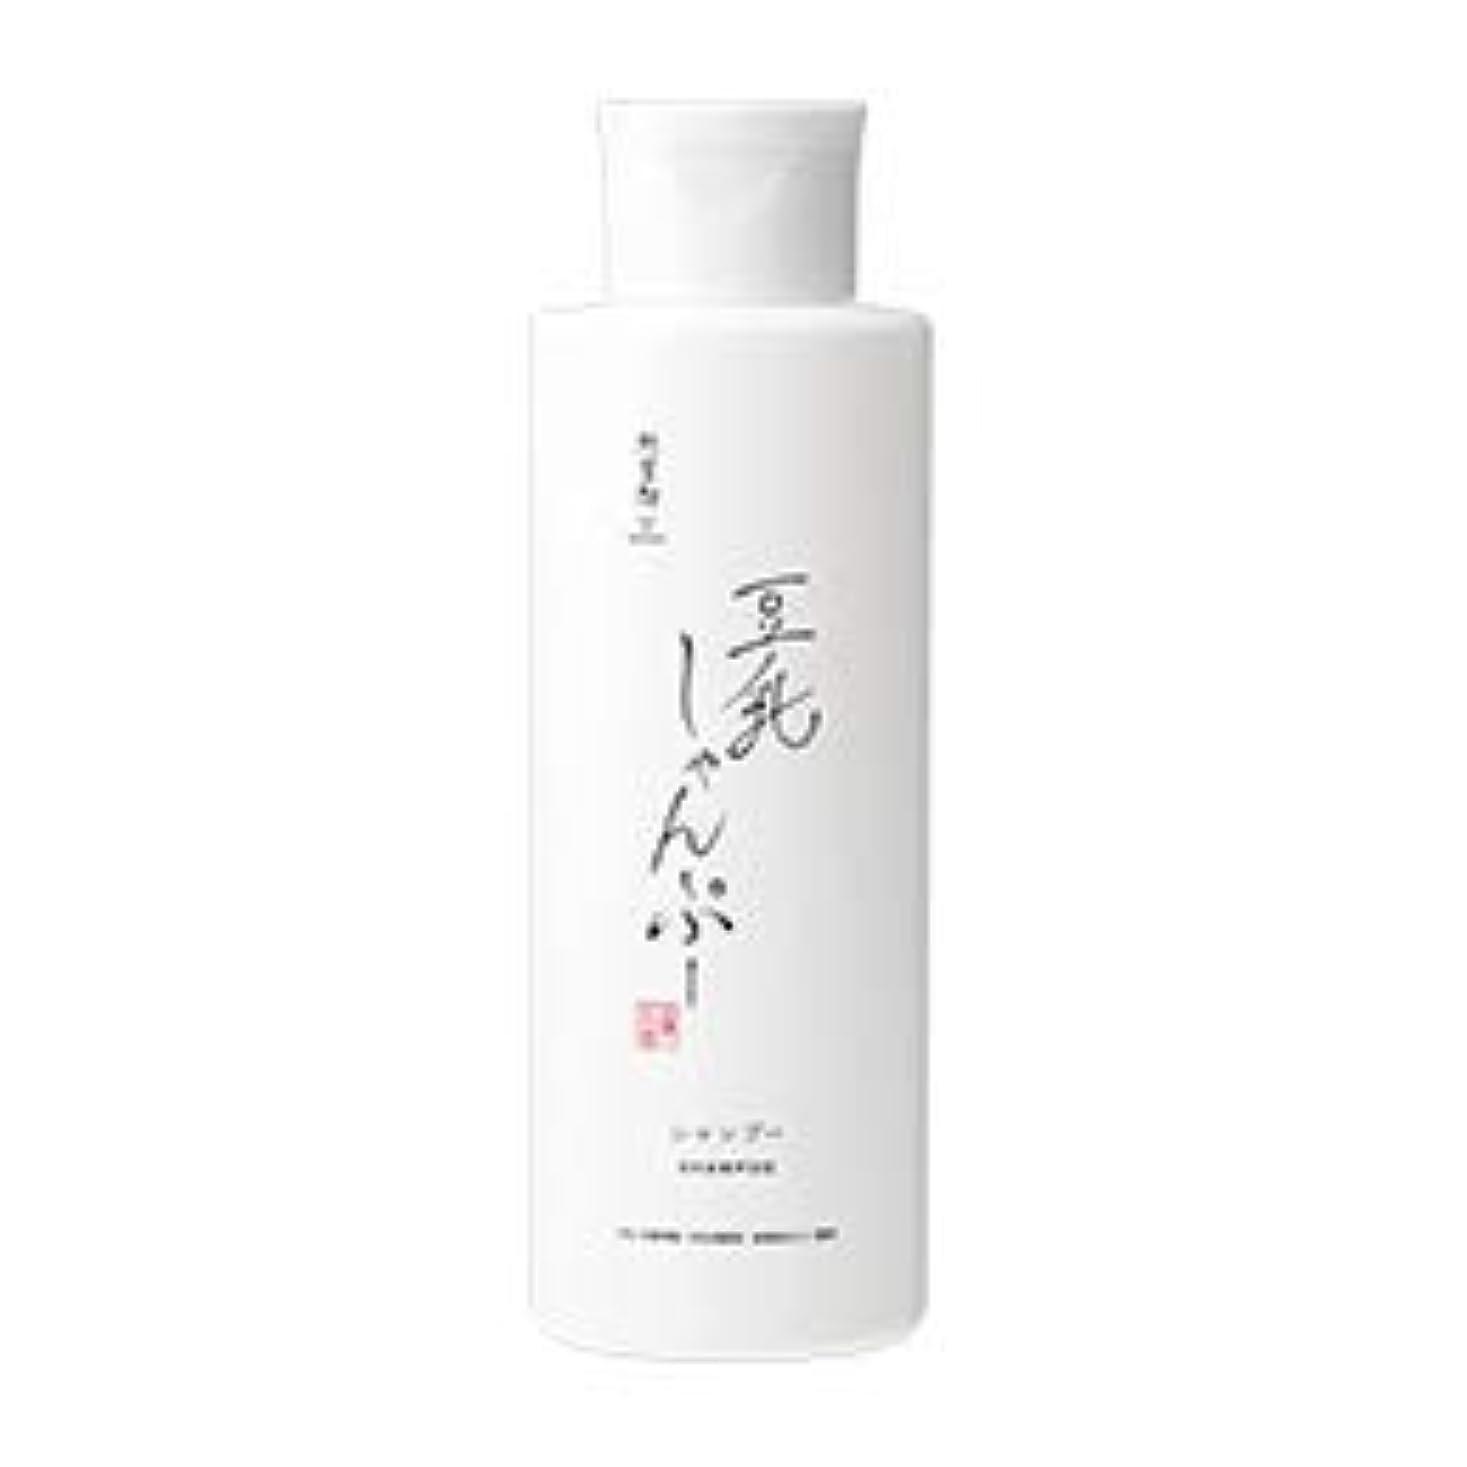 評価可能ヘルシー名前豆腐の盛田屋 豆乳しゃんぷー 自然生活 300mL